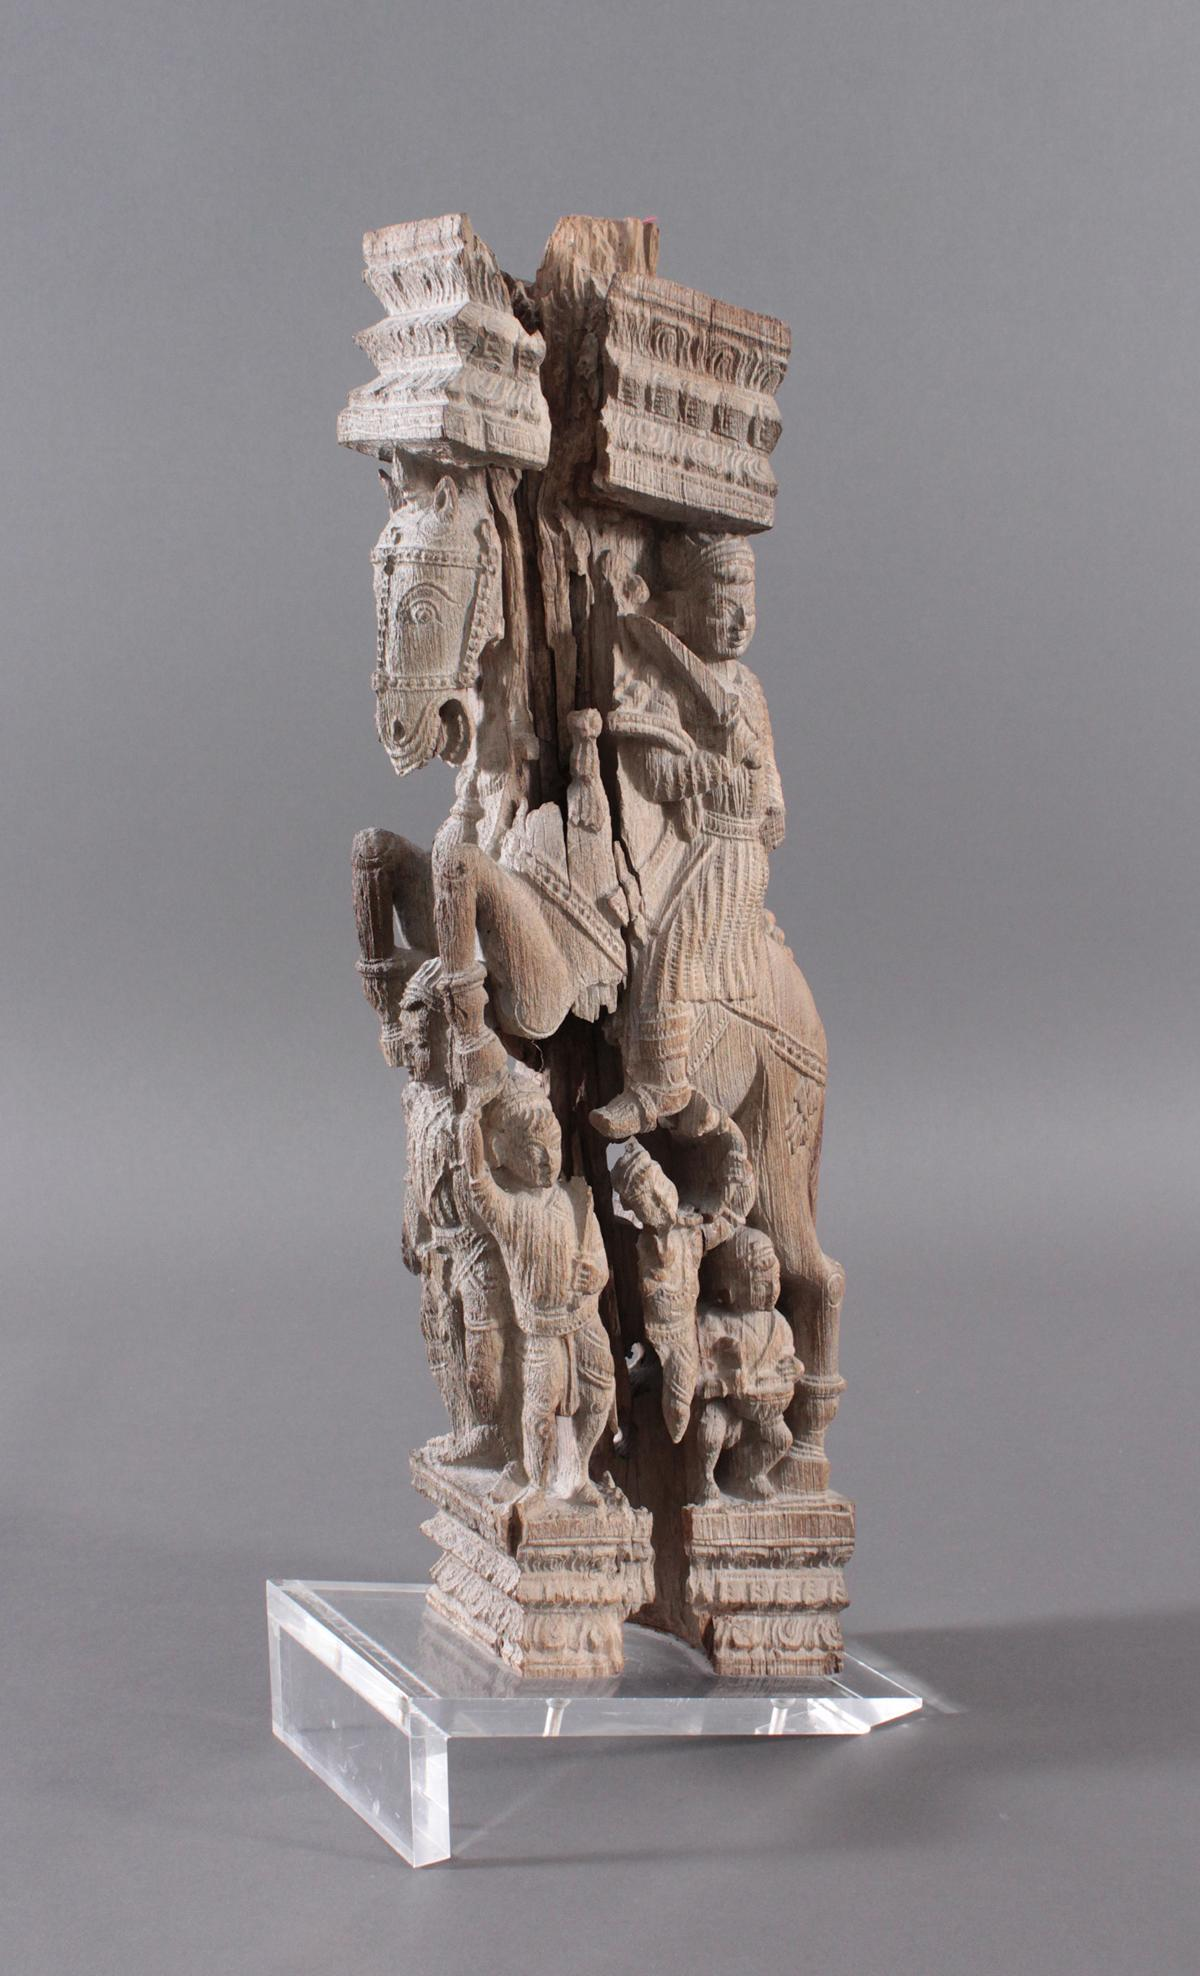 Holzplastik eines Reiters auf einem Pferd, Indien wohl Orissa 15./16. Jh.-3